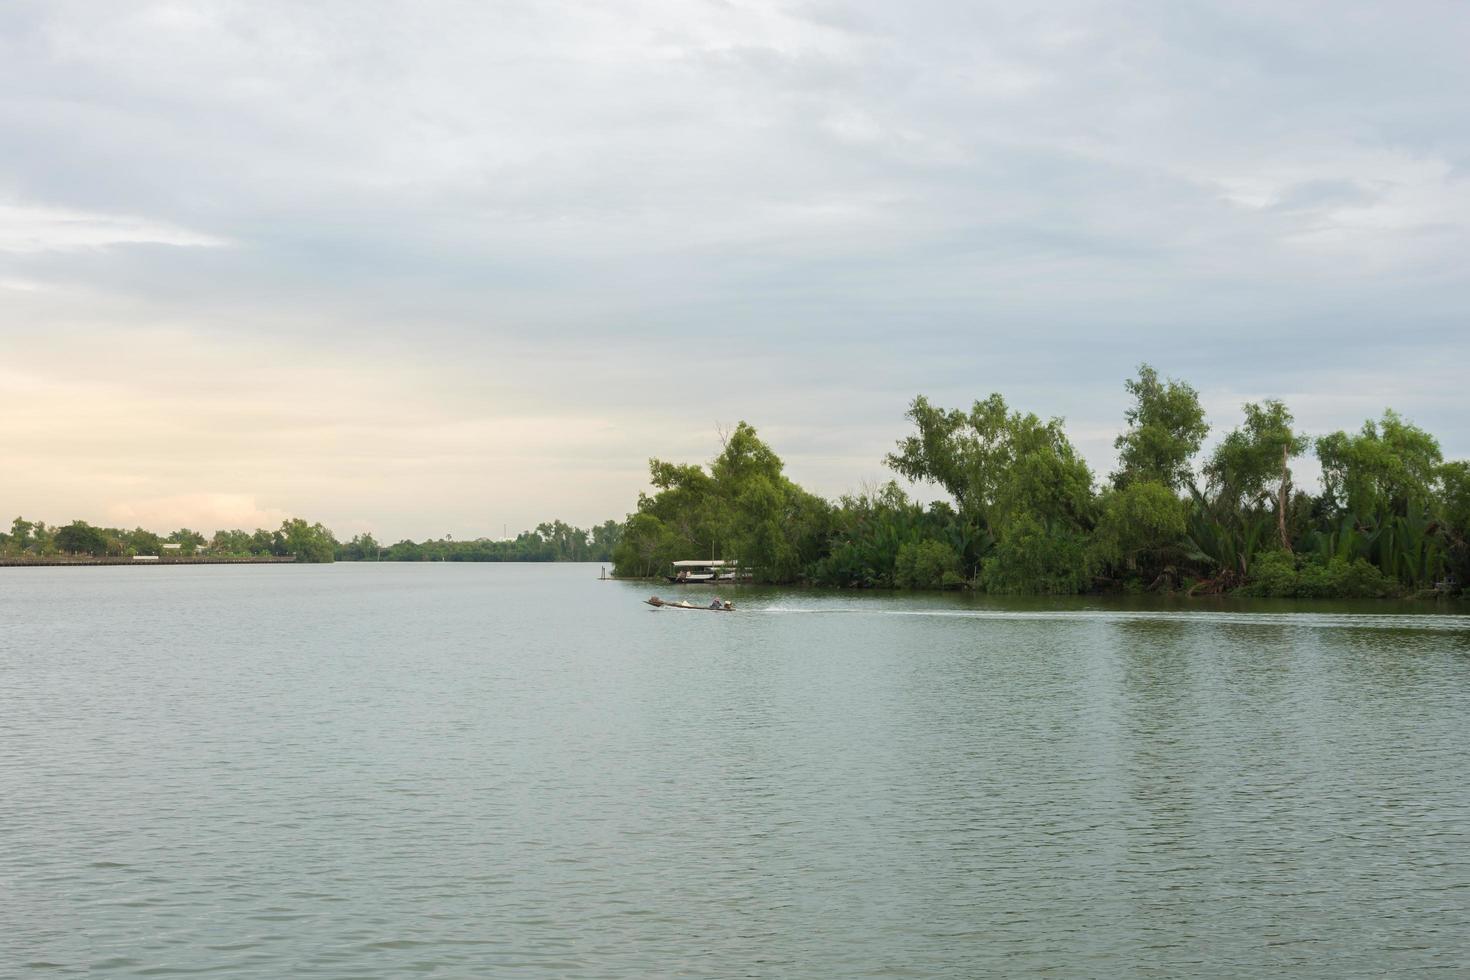 coucher de soleil à la rivière photo